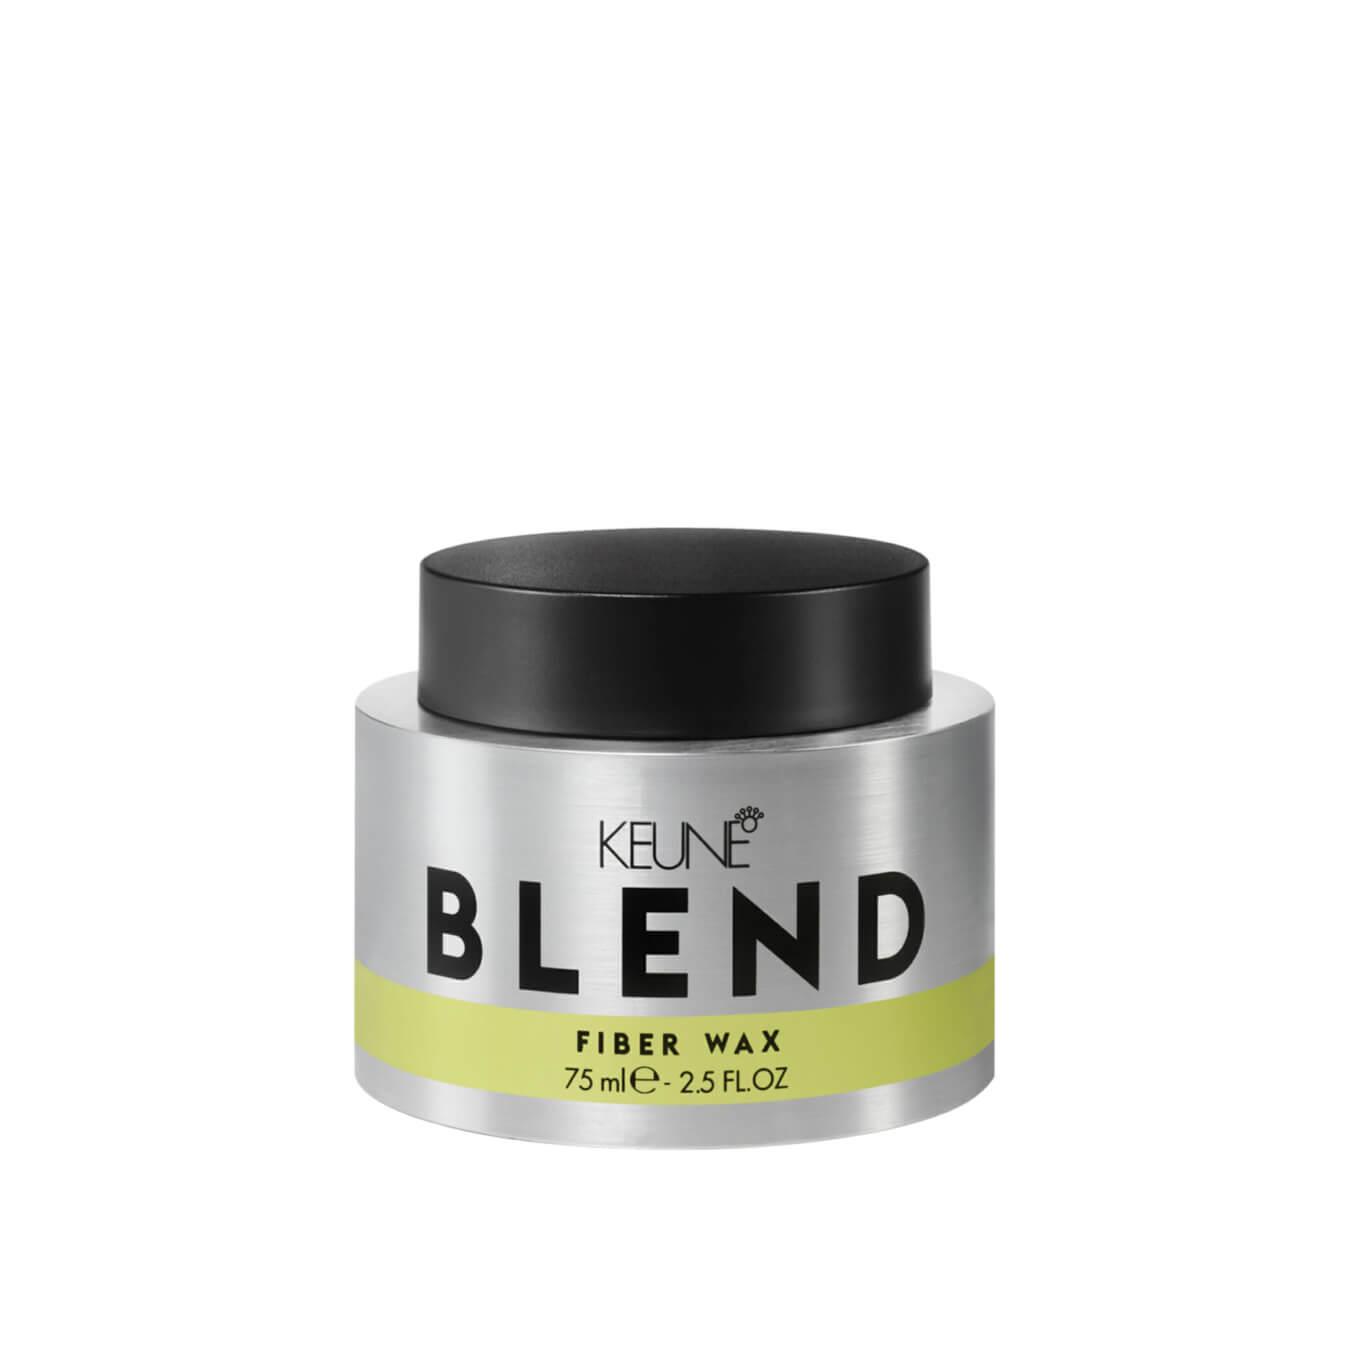 Kauf Keune Blend Fiber Wax 75ml